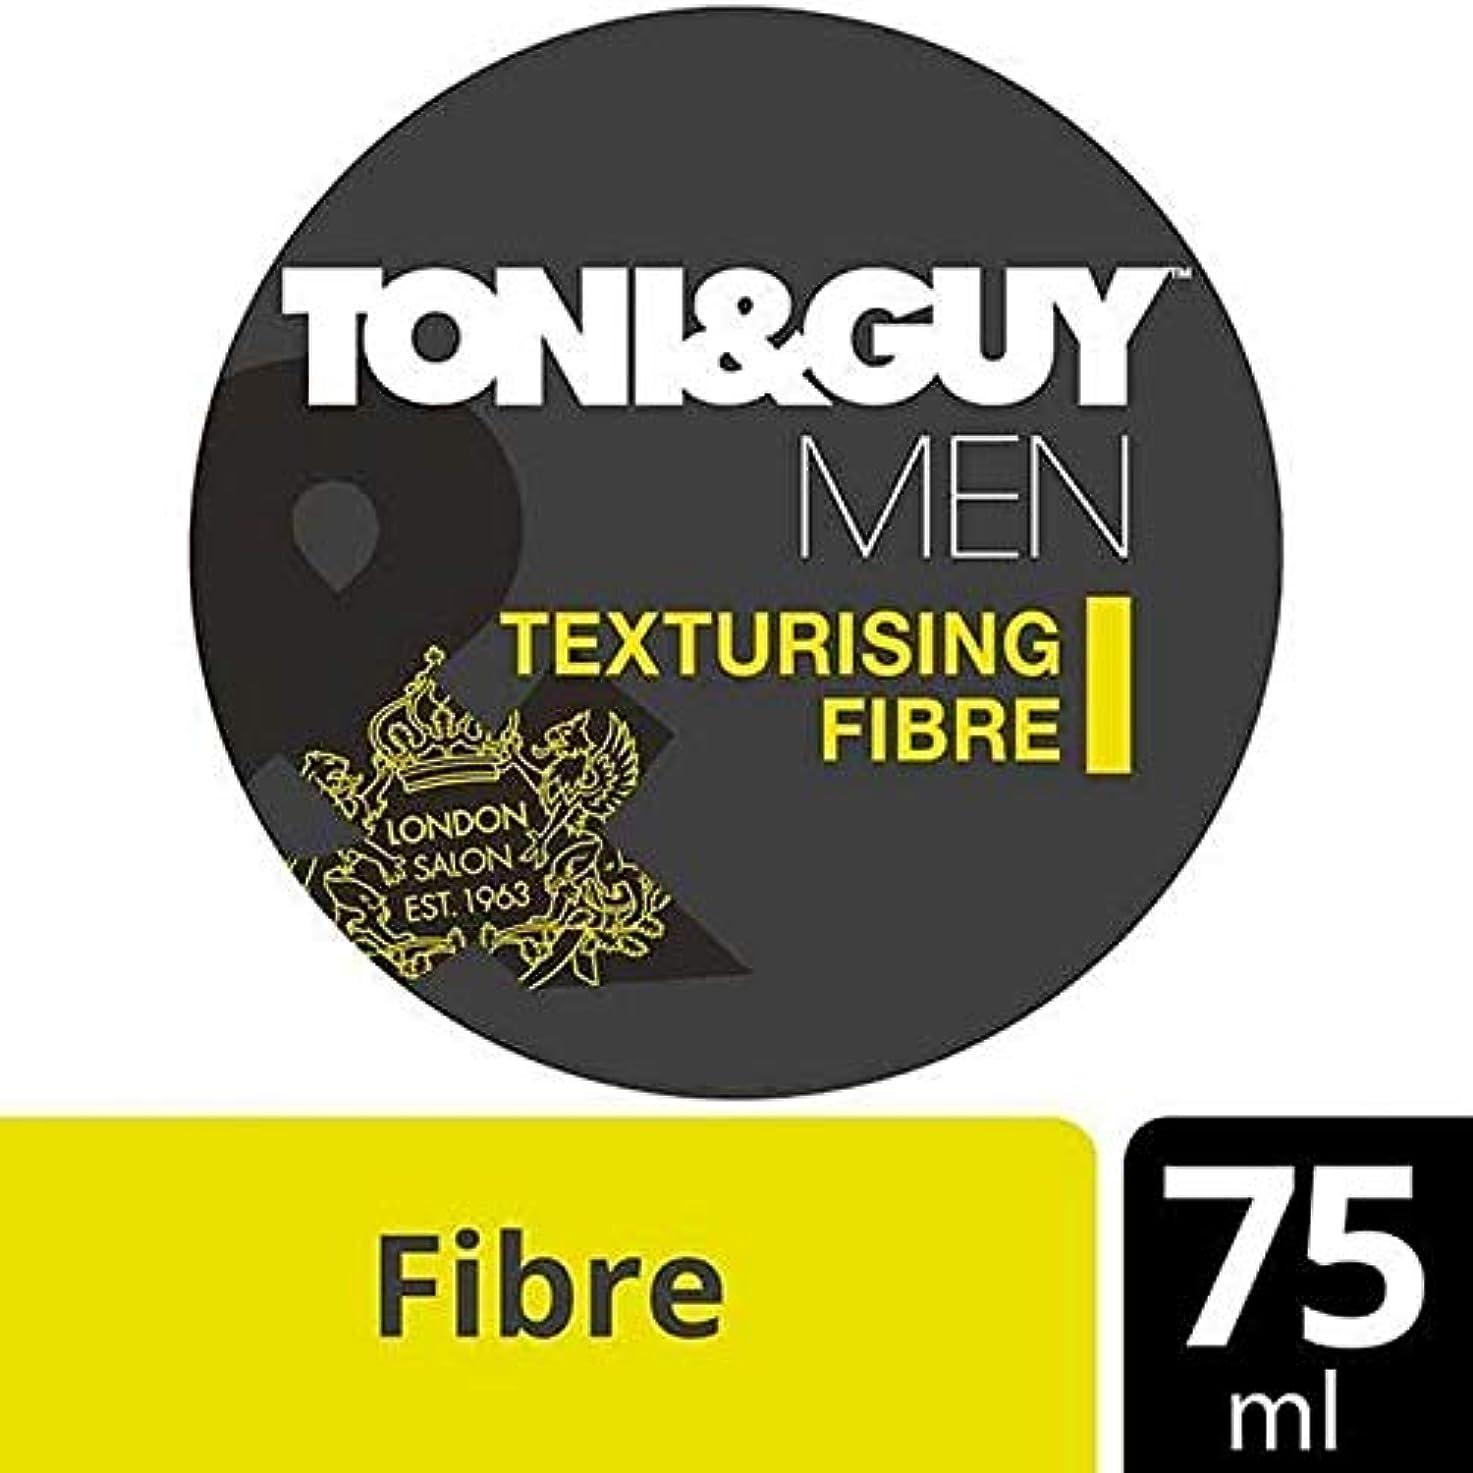 おもしろい宇宙船方程式[Toni & Guy] トニ&男テクスチャー繊維 - Toni & Guy Texturising Fibre [並行輸入品]